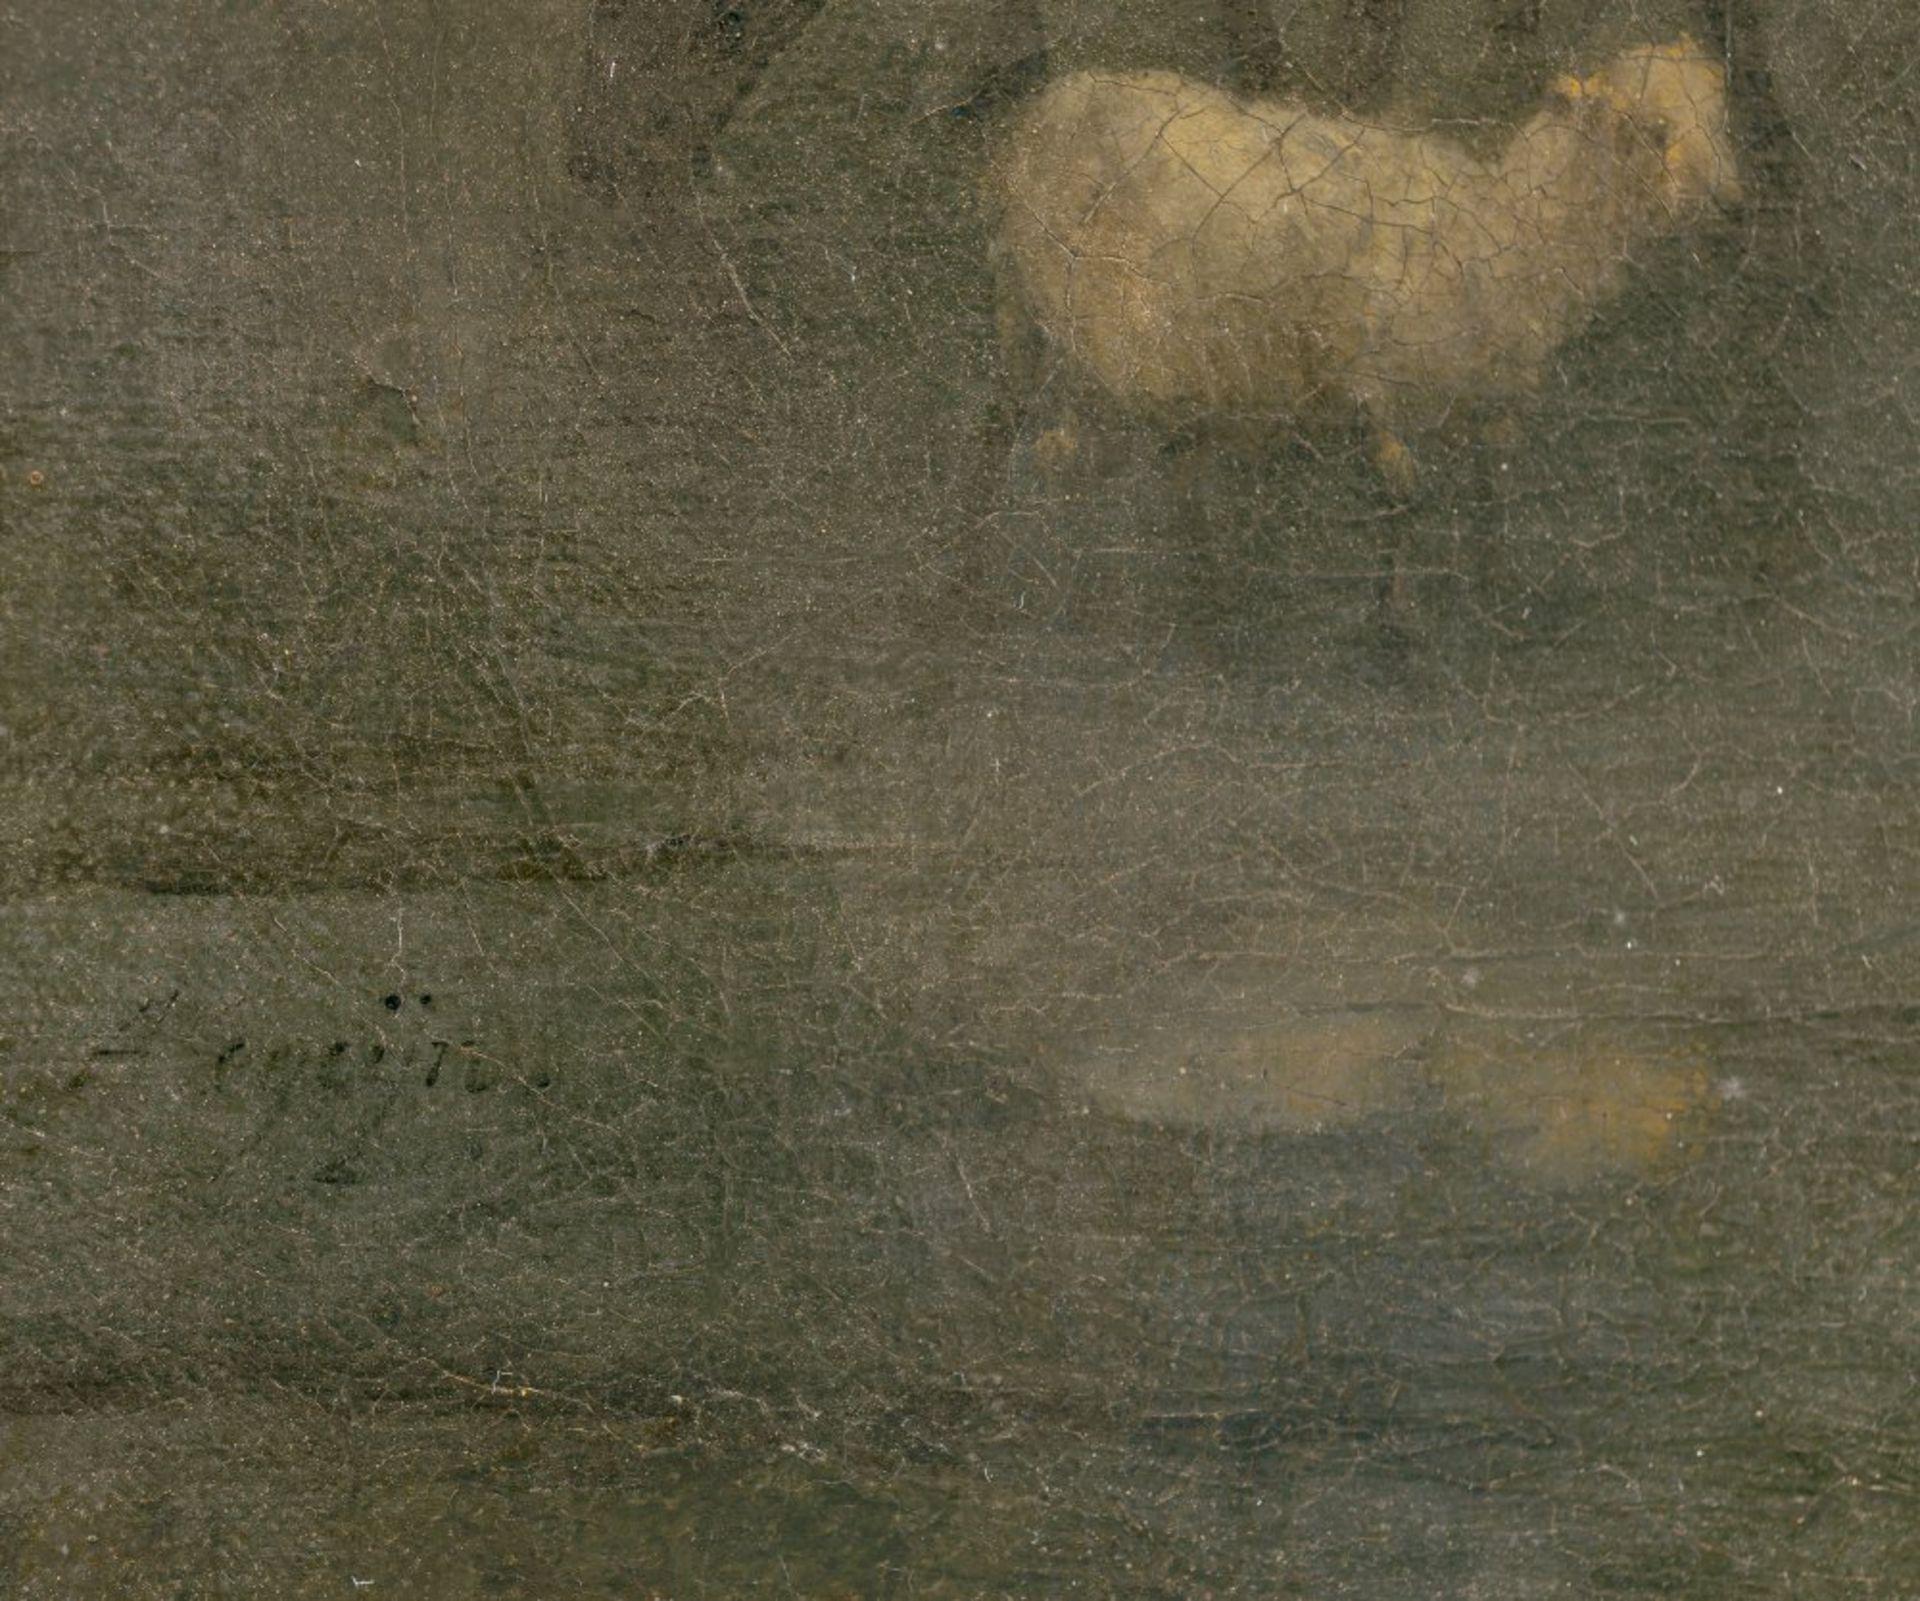 Begeyn, AbrahamHirten mit ihren Tieren vor alter Festung. Öl/Lw. 62 x 55 cm. Craquelé, rest., doubl. - Bild 2 aus 2